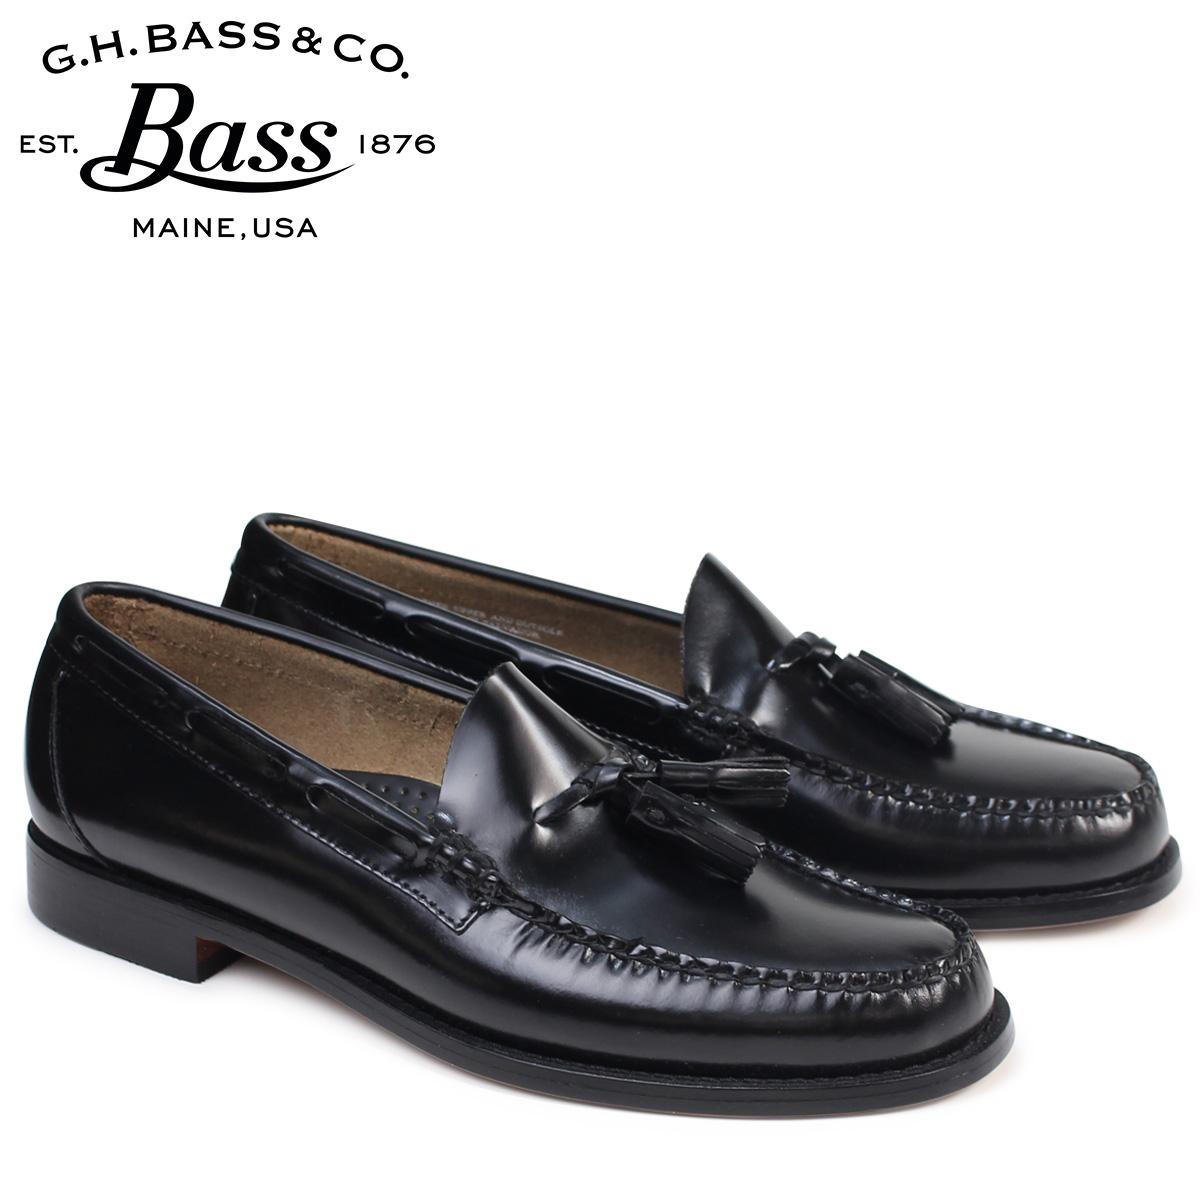 ジーエイチバス ローファー G.H. BASS メンズ ペニー タッセル LEXINGTON TASSEL WEEJUNS 70-10904 靴 ブラック [9/13 追加入荷]